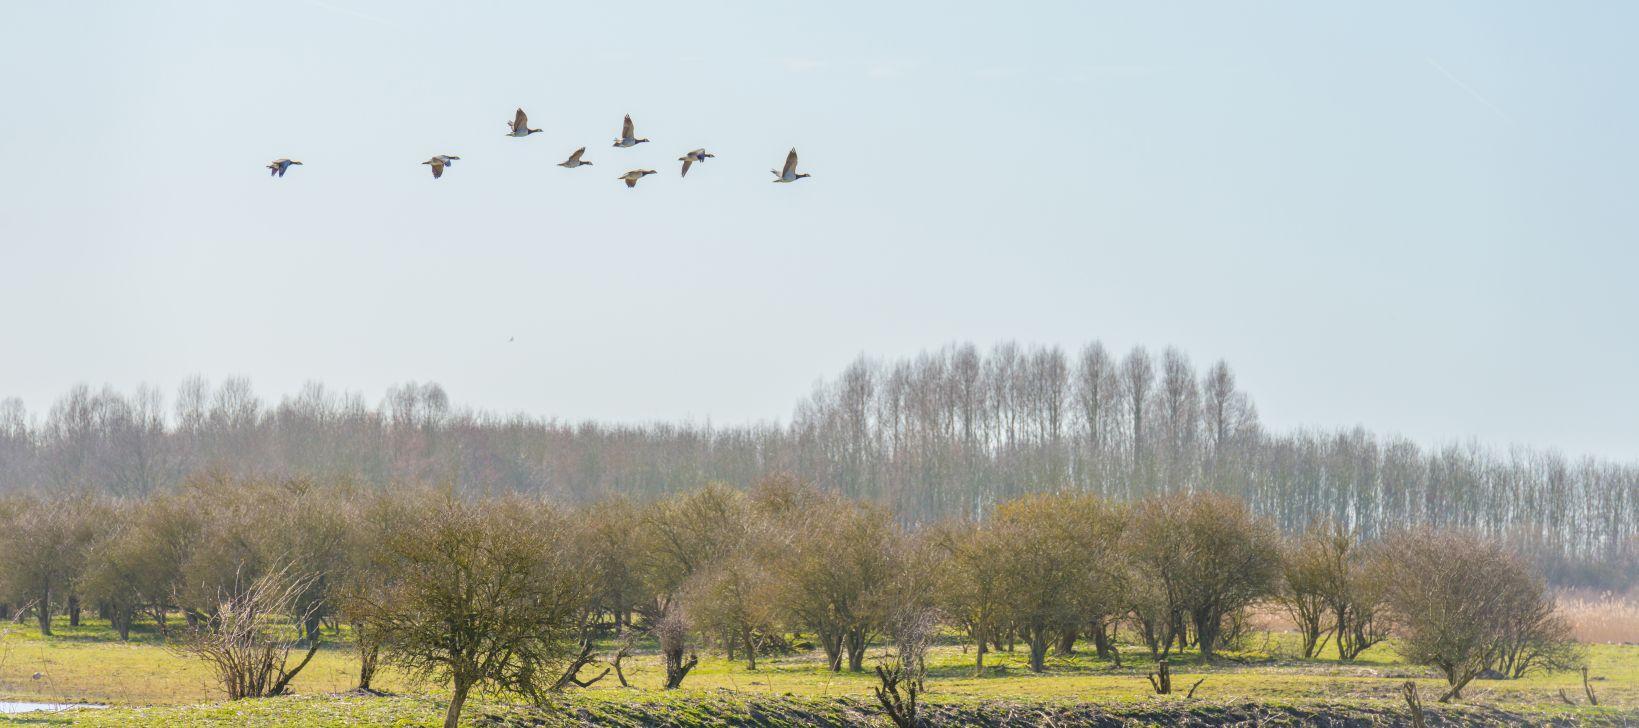 Birds flying over nature in sunlight